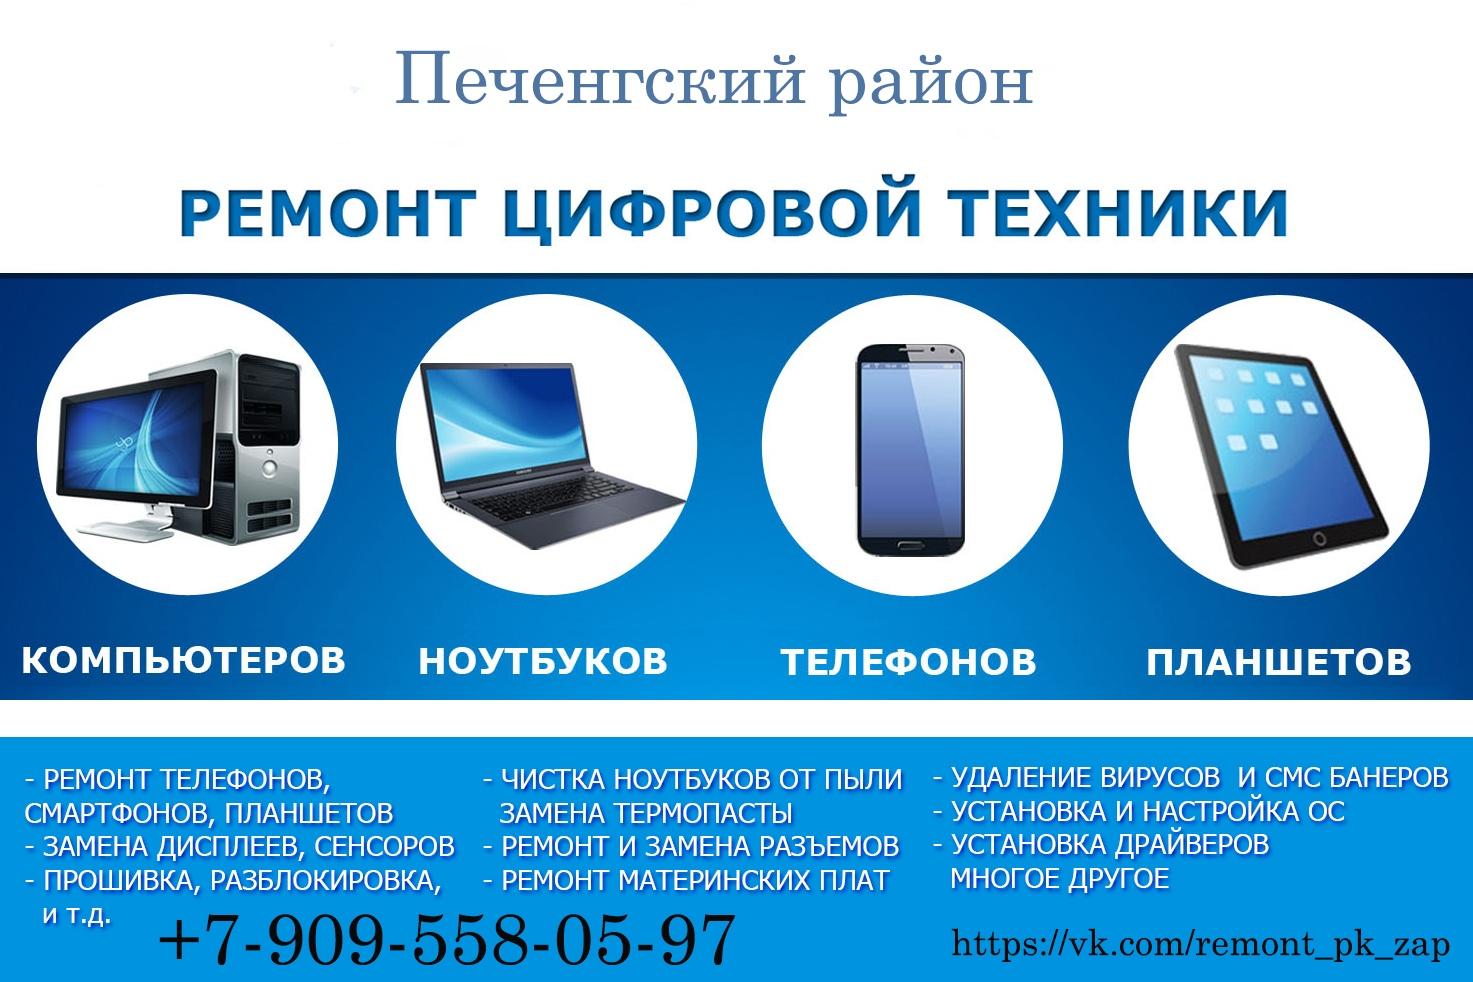 Профессиональный ремонт цифровой электроники, в Печенгском Районе